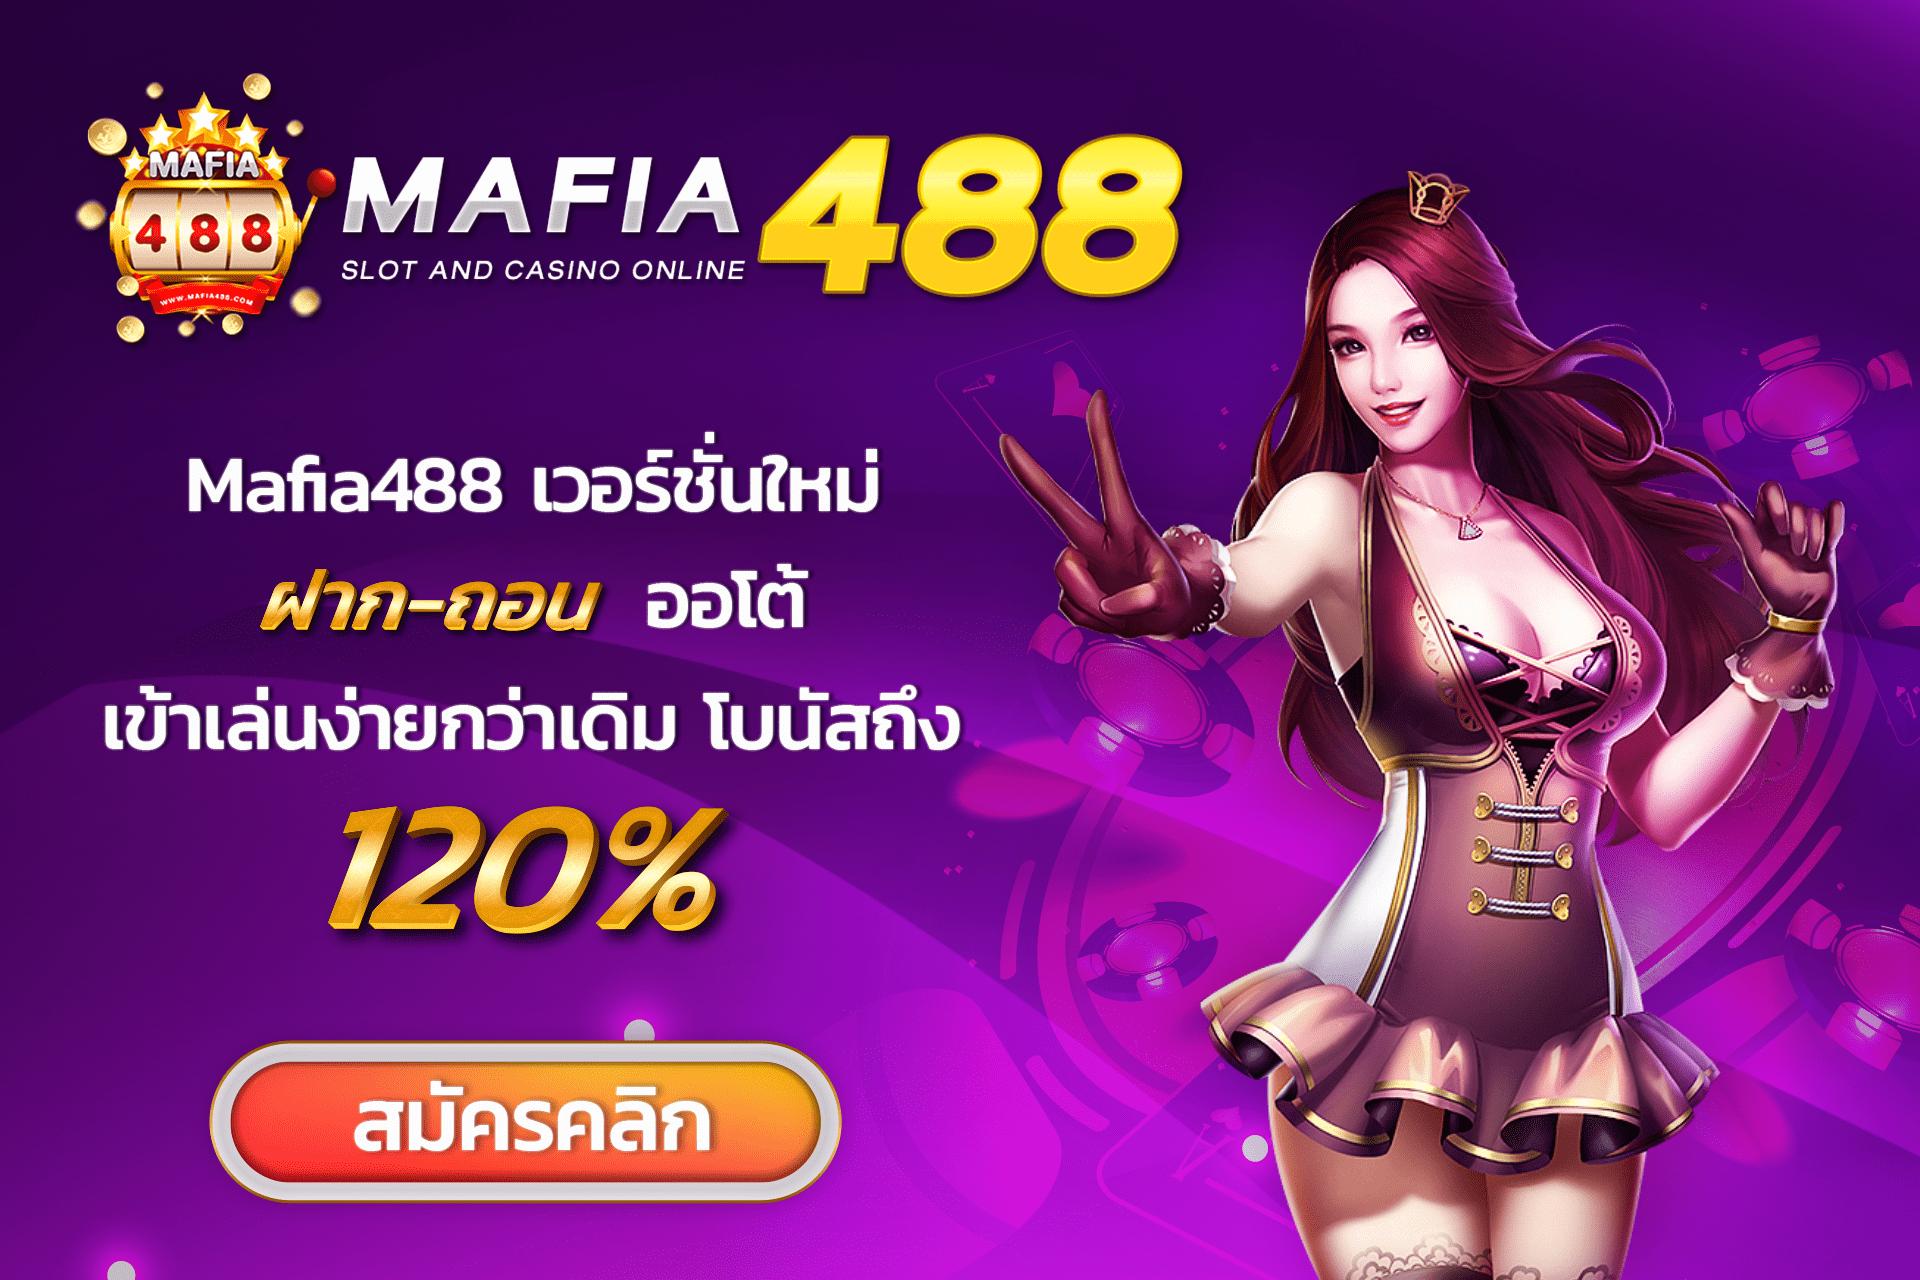 Mafia488